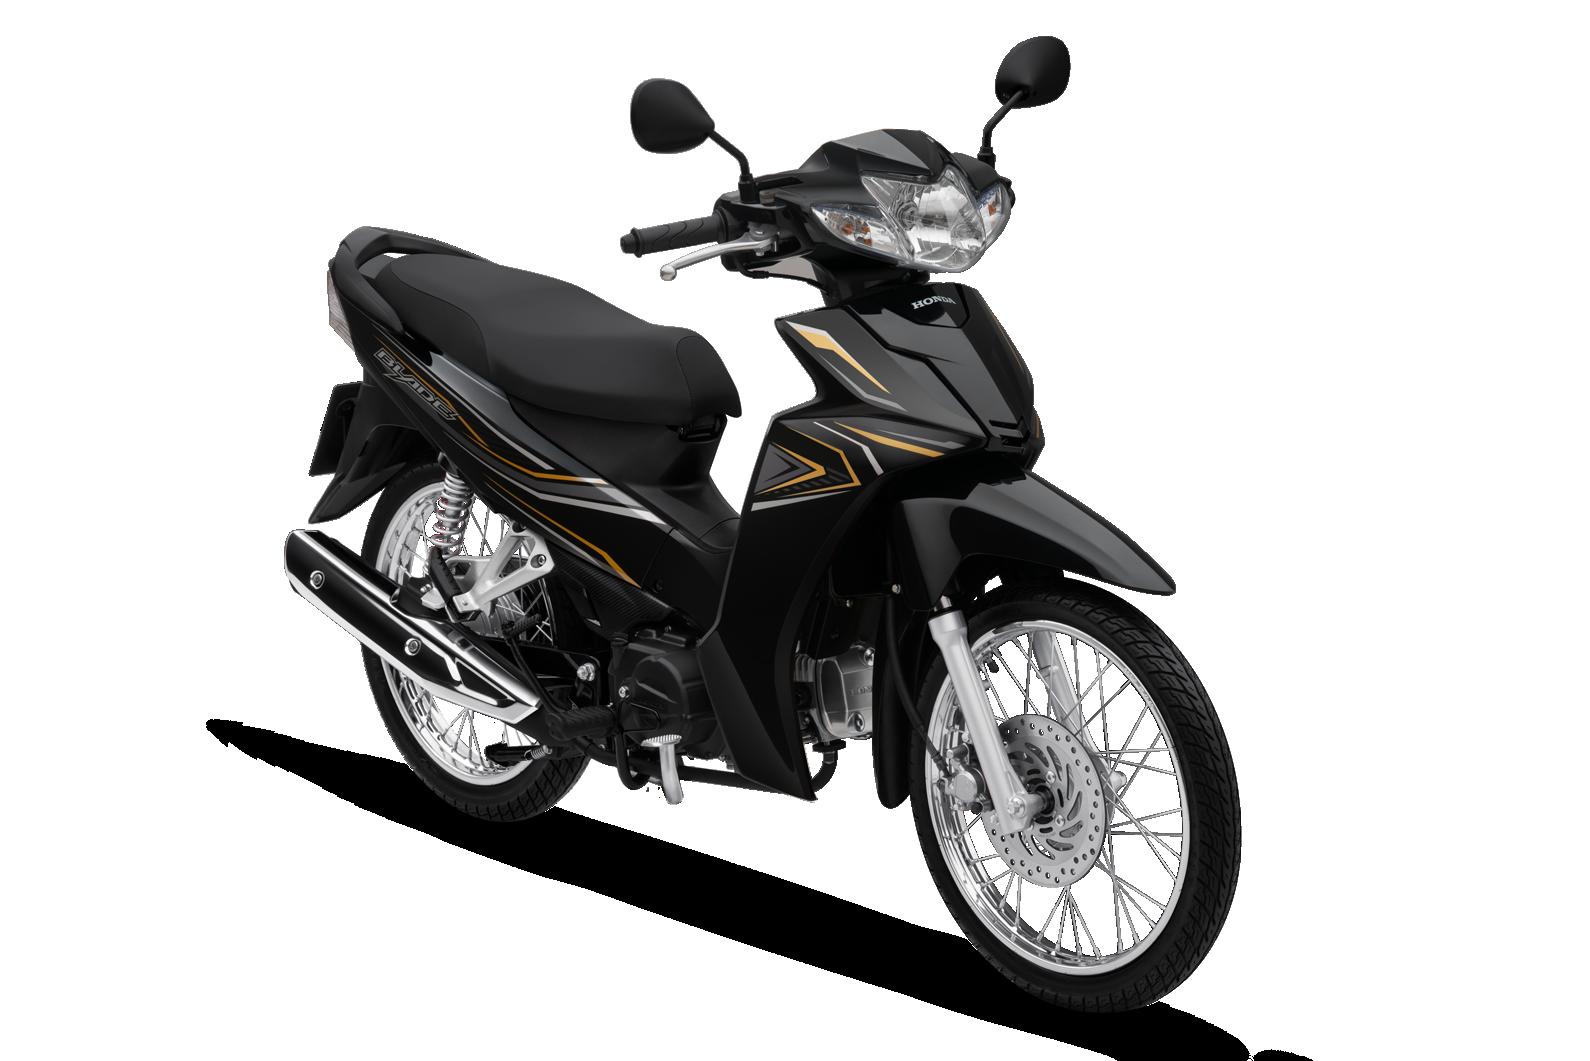 Honda Blade phiên bản tiêu chuẩn (phanh cơ, vành nan hoa) màu đen